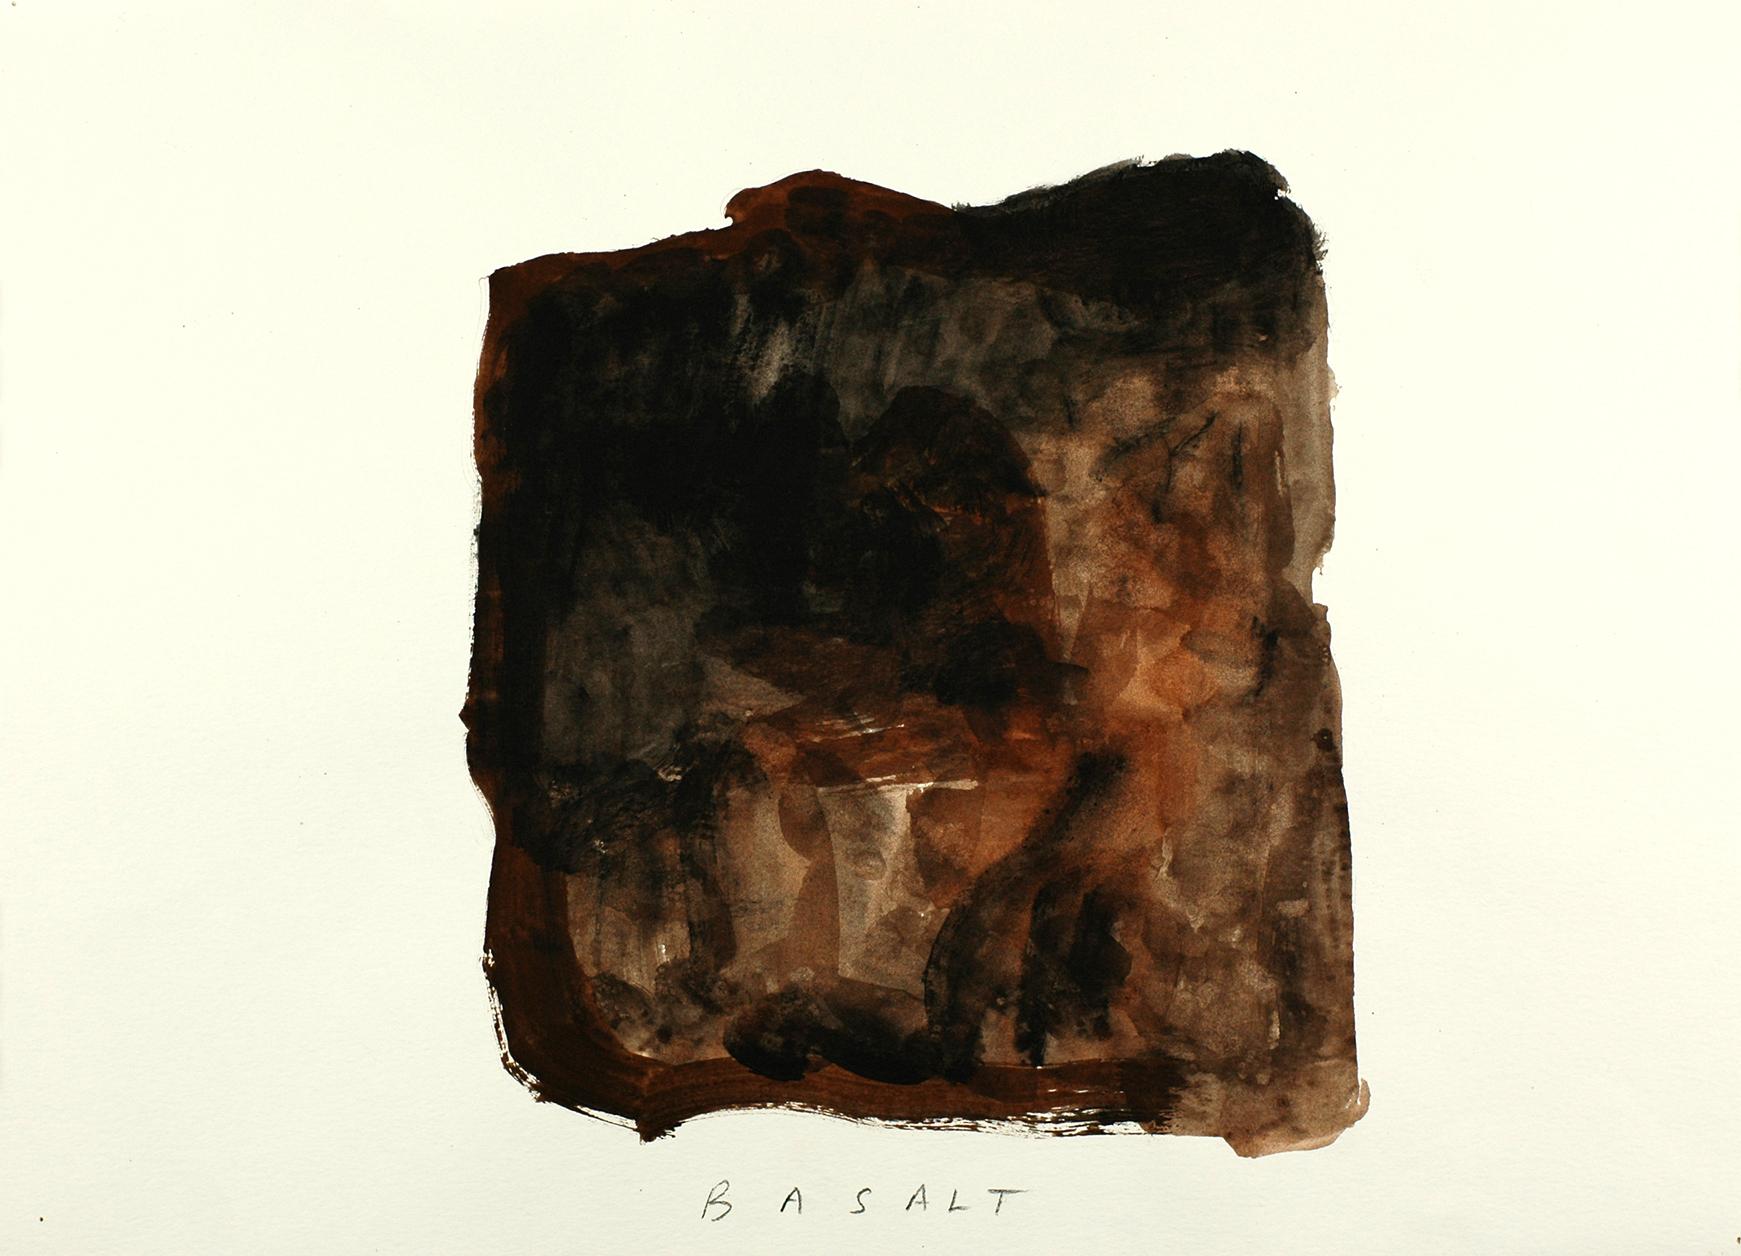 Basalt 2, 2013